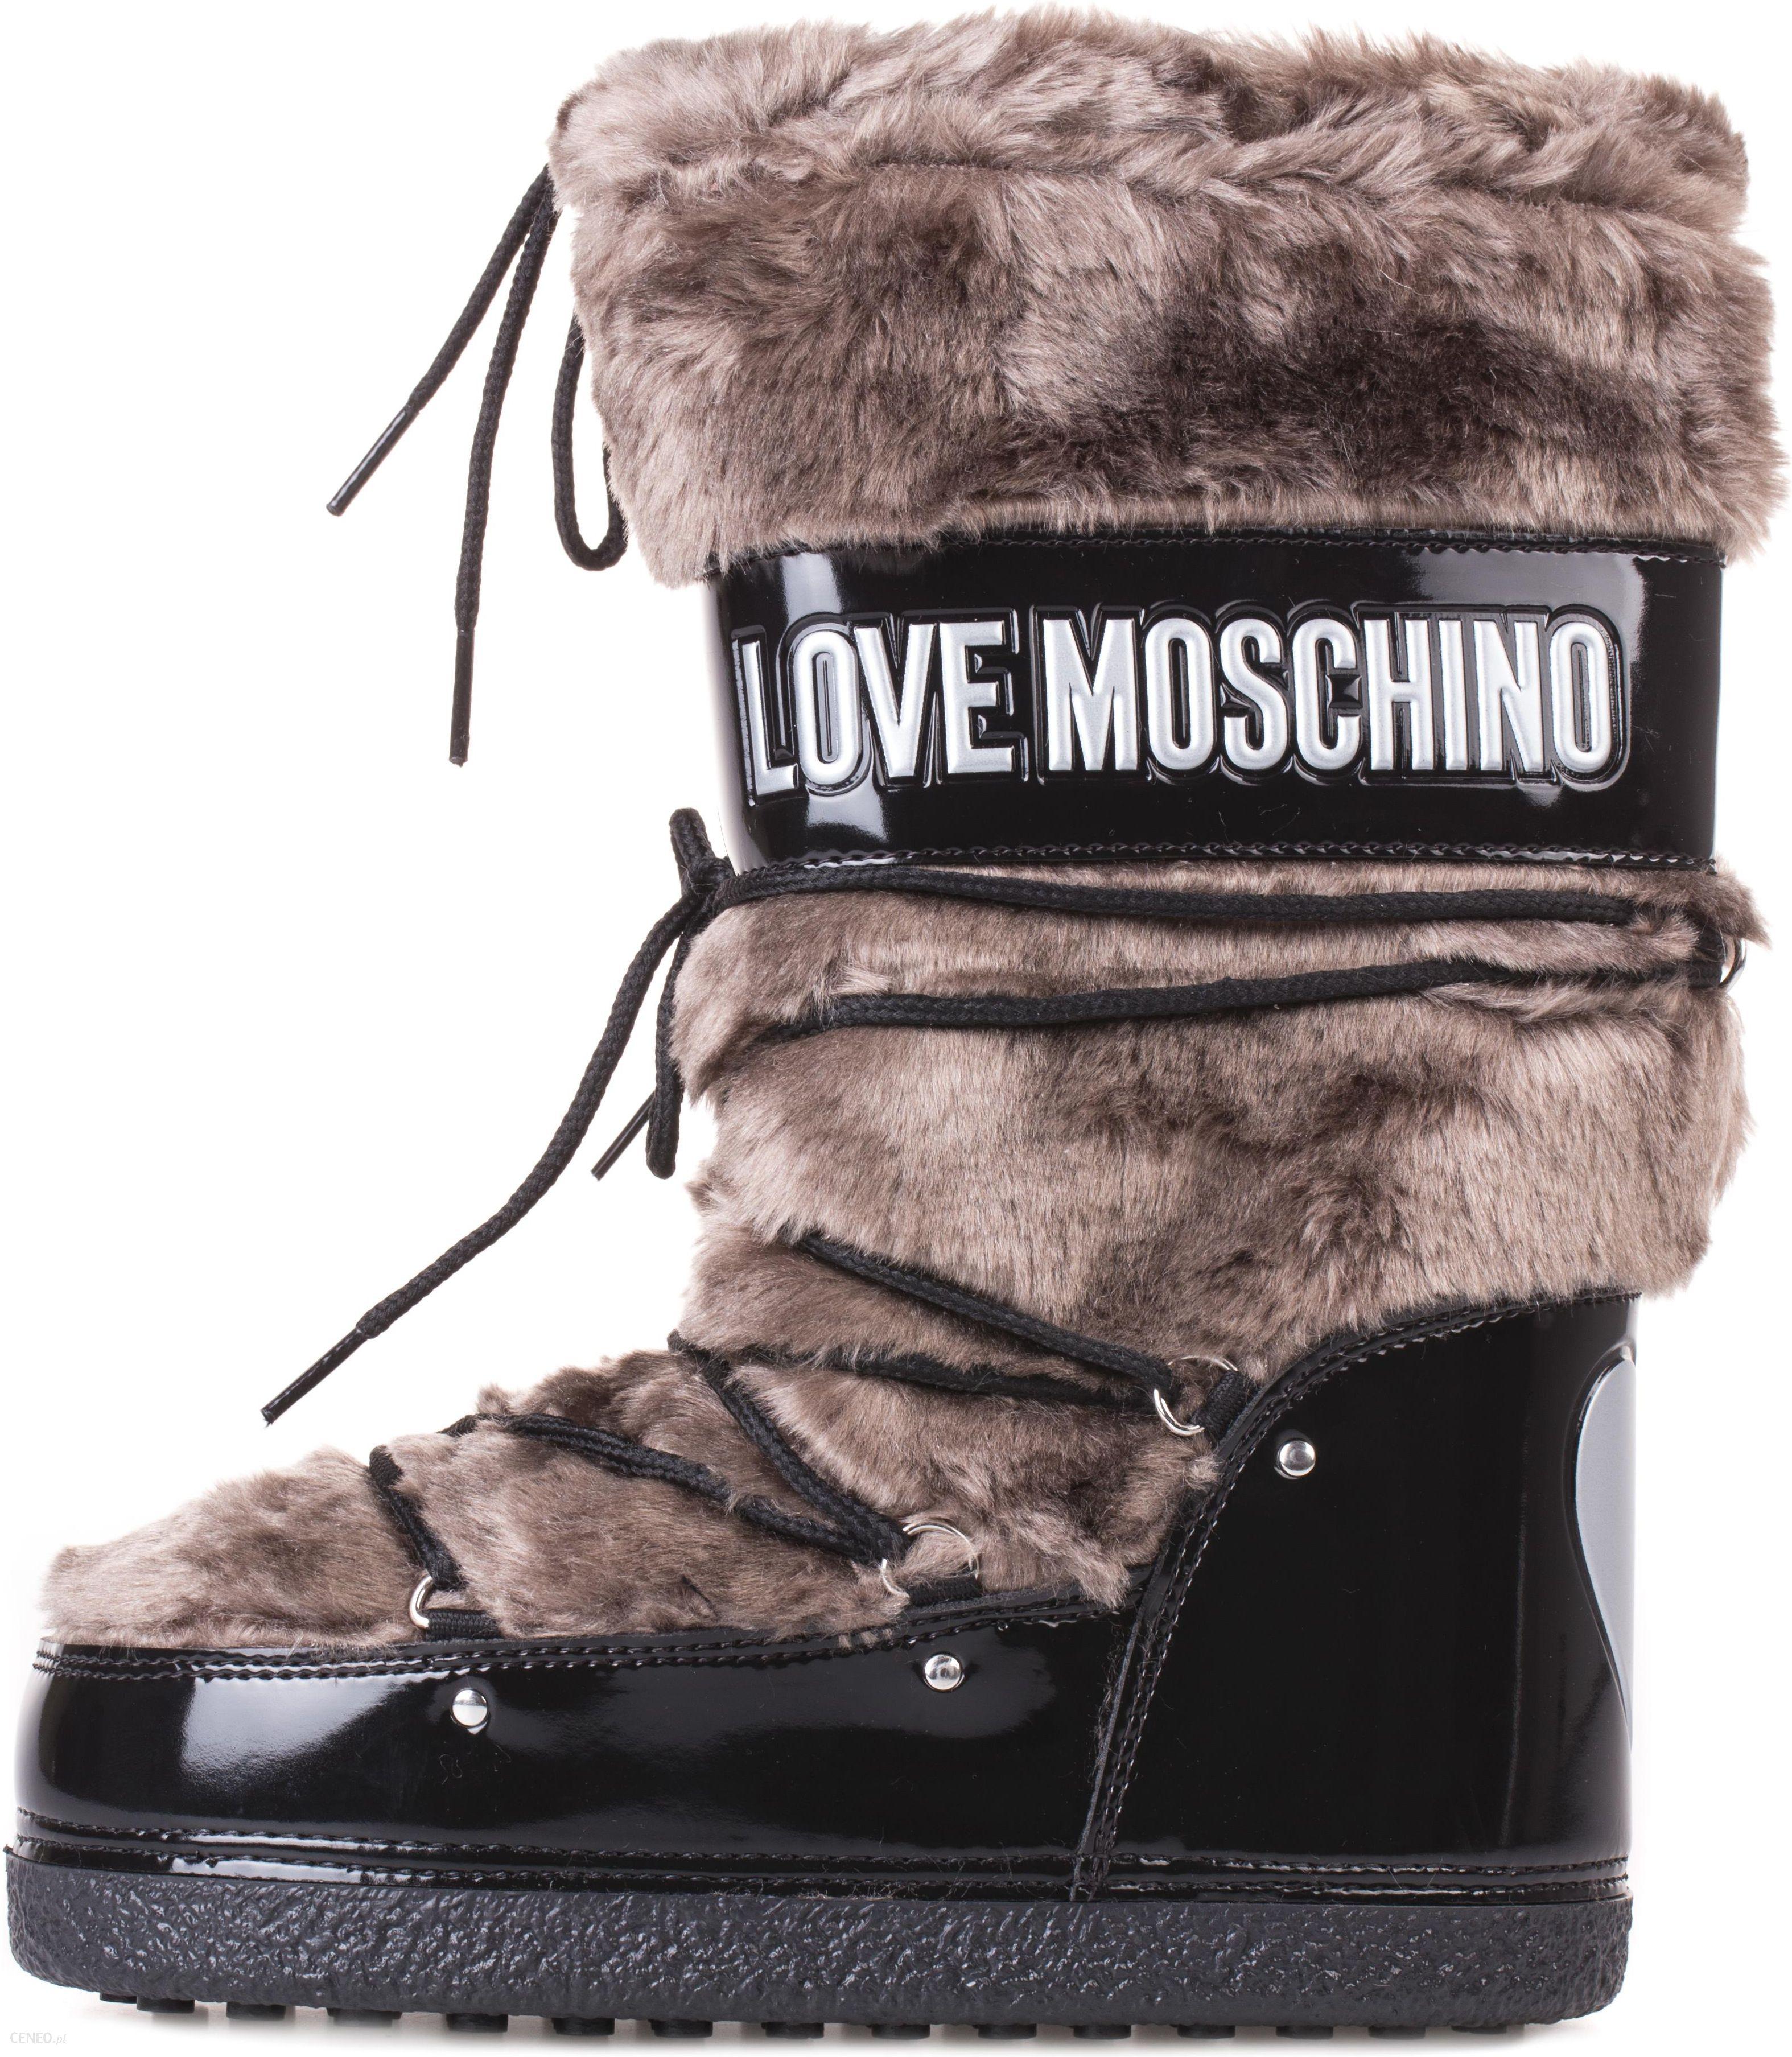 f0a466d5 Love Moschino Śniegowce Czarny Brązowy 39 - Ceny i opinie - Ceneo.pl